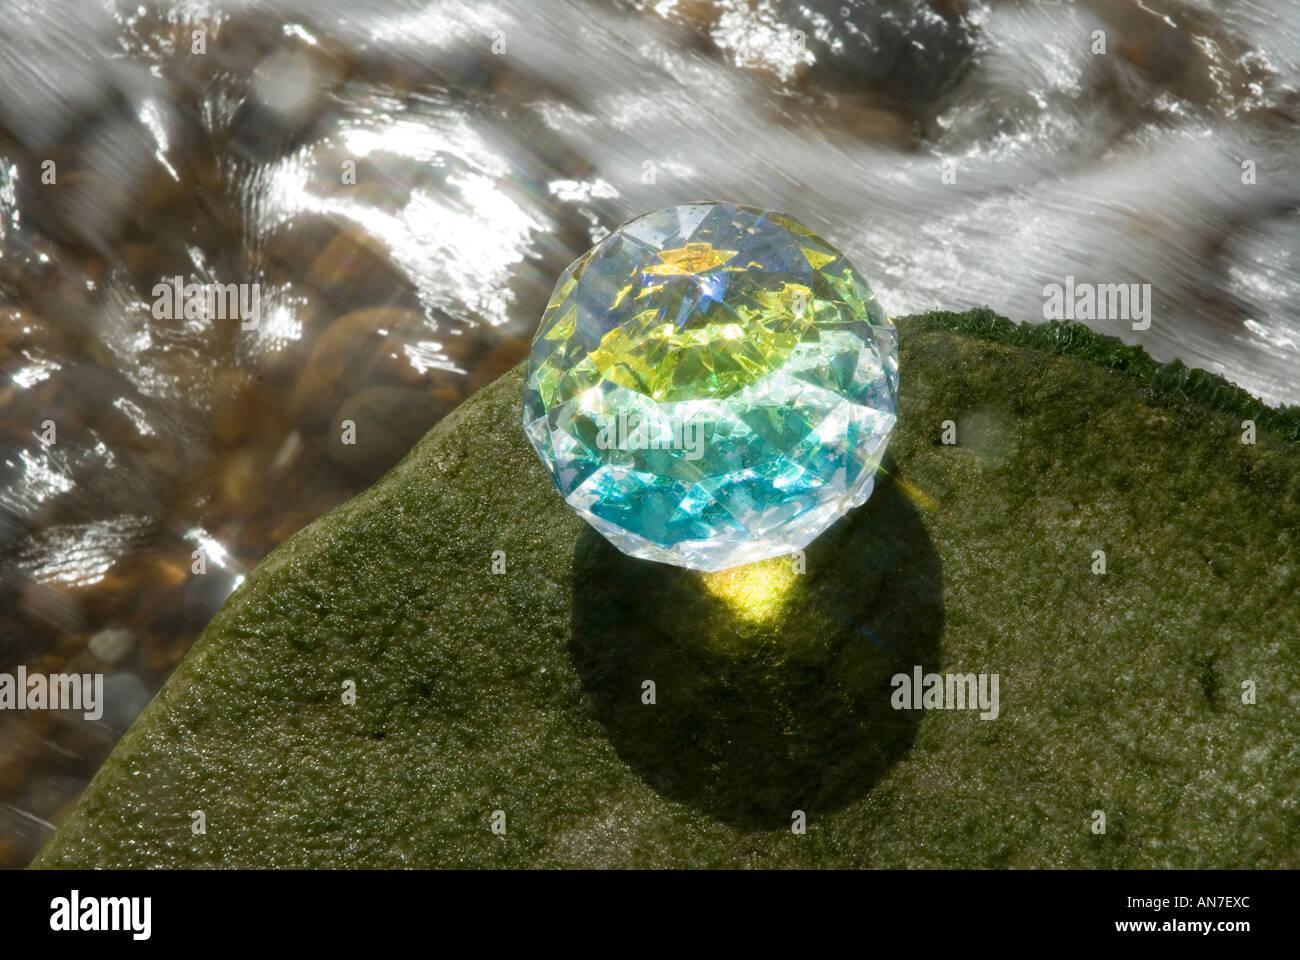 Cristallo tagliato oggetto in vetro sulla spiaggia ghiaiosa Immagini Stock